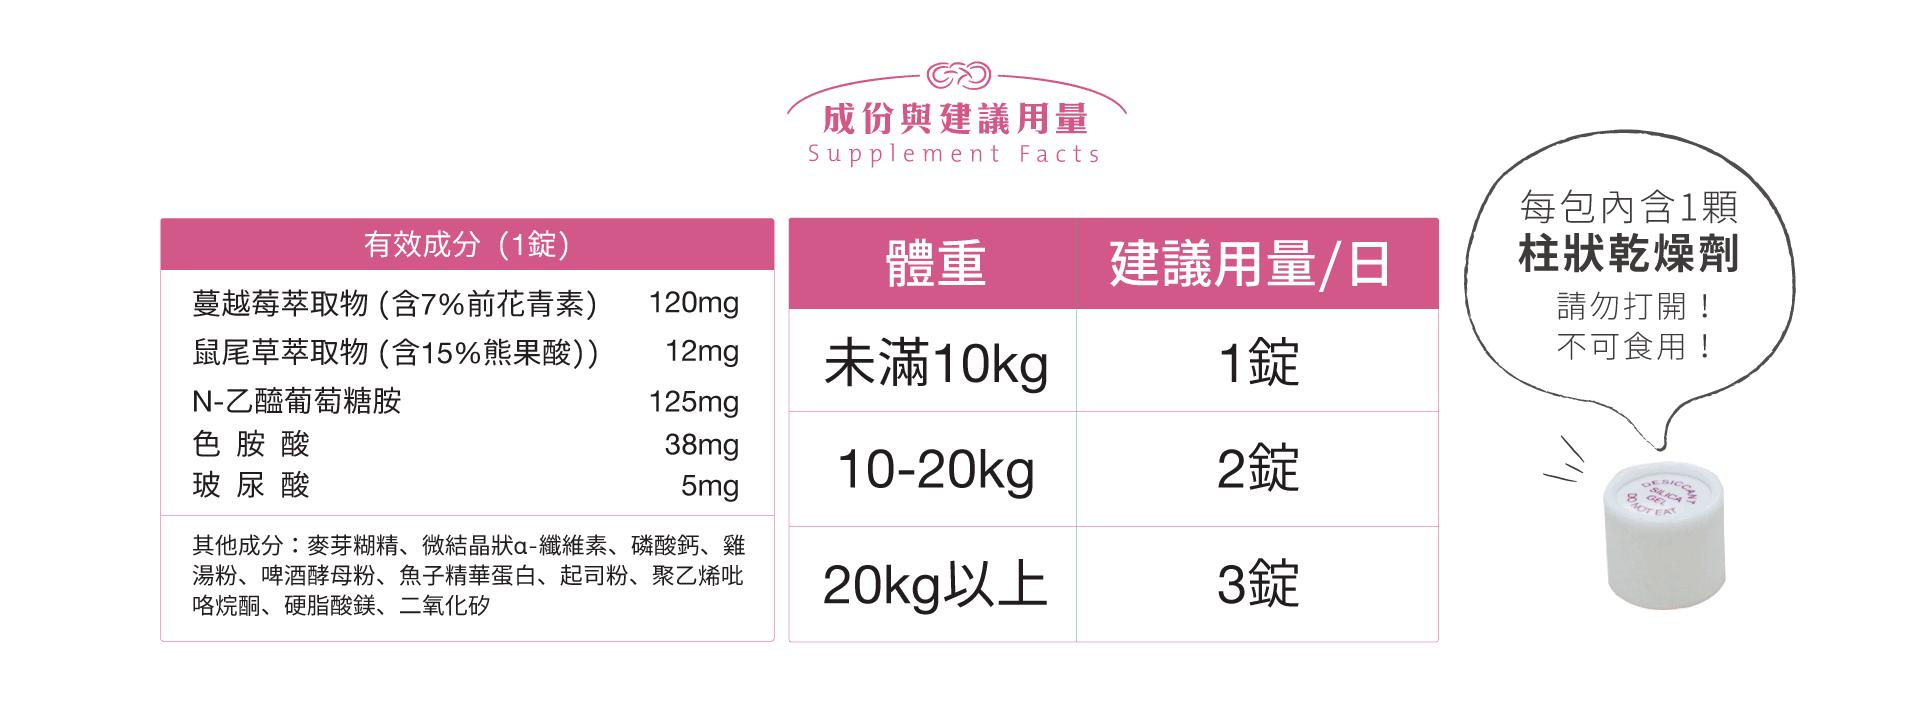 泌尿好輕鬆賞的有效成份:蔓越莓萃取物、鼠尾草萃取物、N-乙醯葡萄糖胺、色胺酸、玻尿酸。建議用量:毛孩未滿10公斤1錠;10到20公斤2錠;20公斤以上3錠。內含一顆柱狀乾燥劑,請勿打開,不可食用!